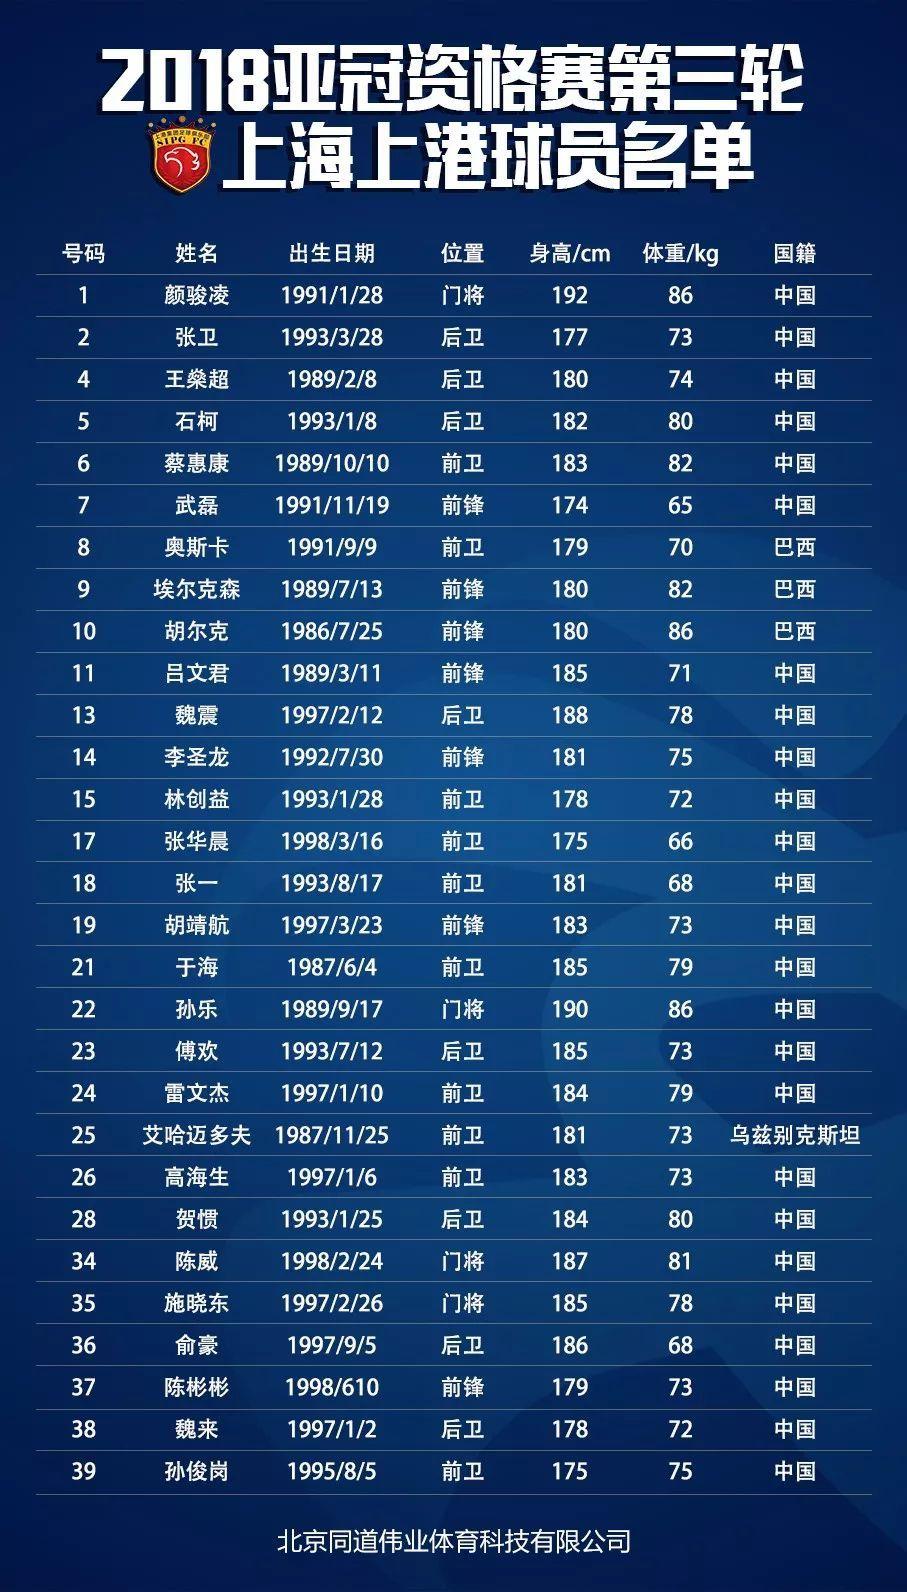 上海上港—亚冠资格赛全名单